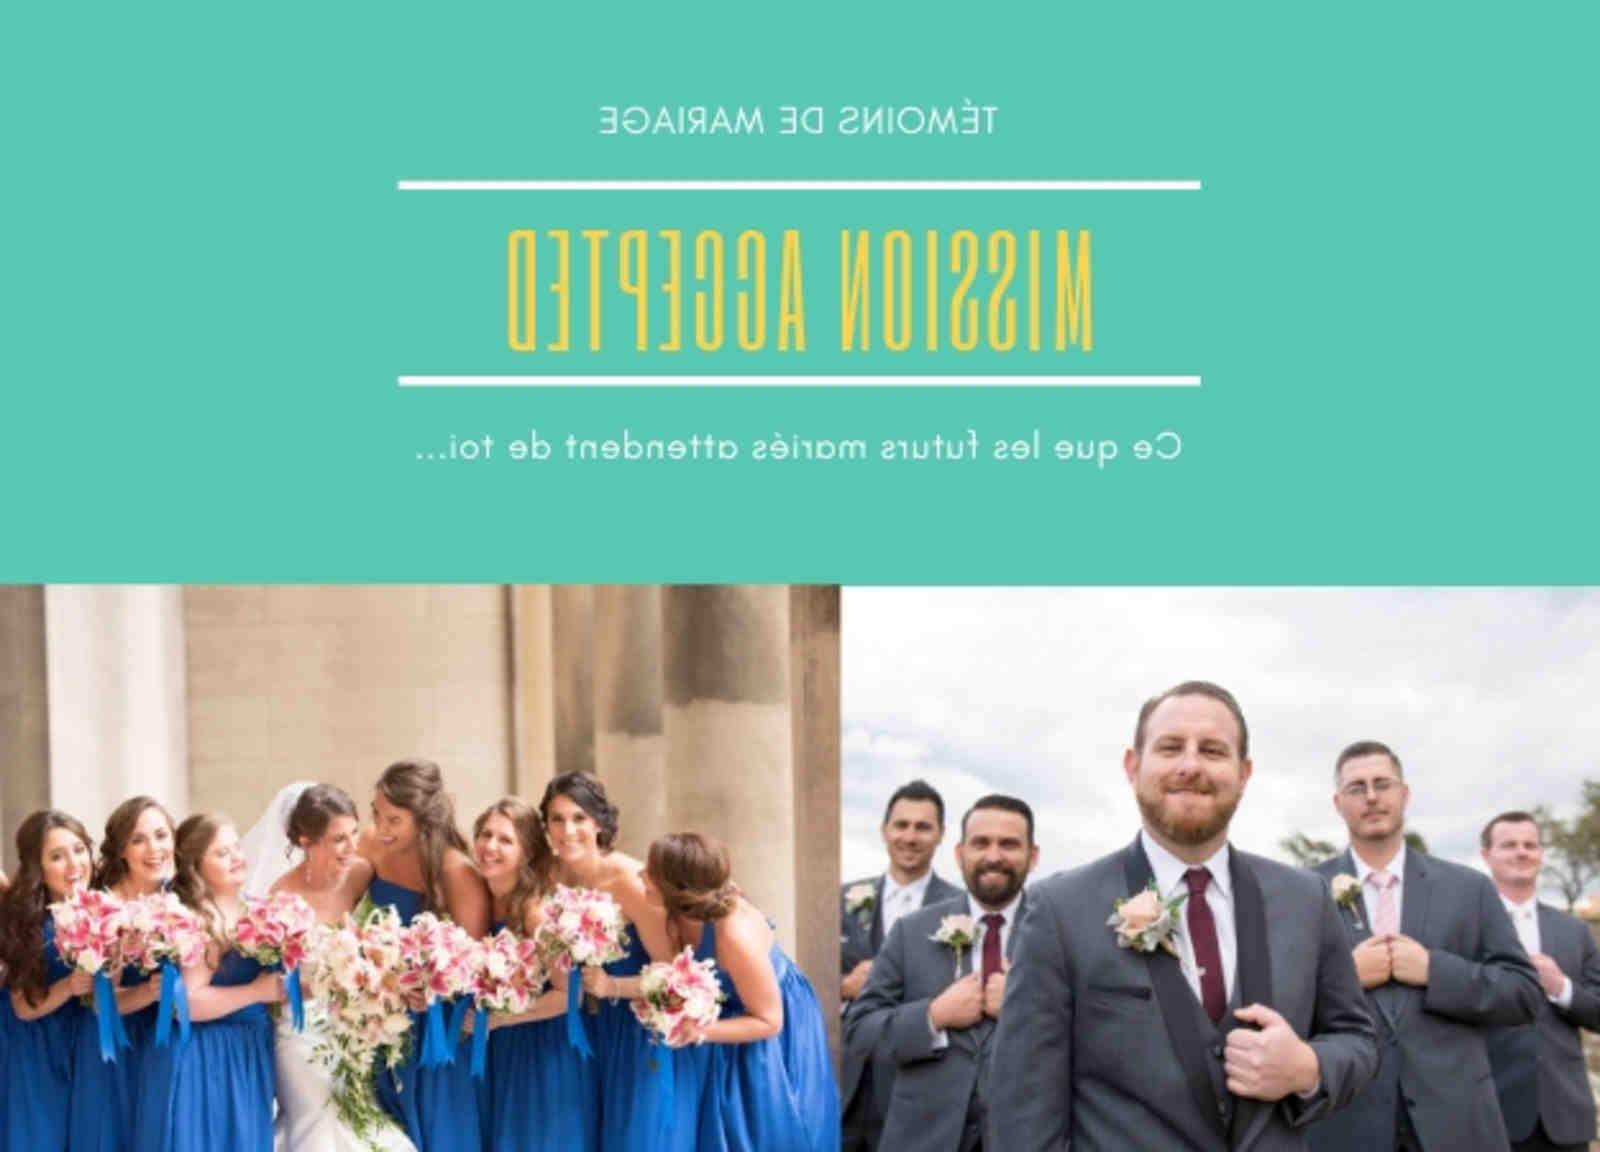 Quel est le rôle du témoin de mariage?